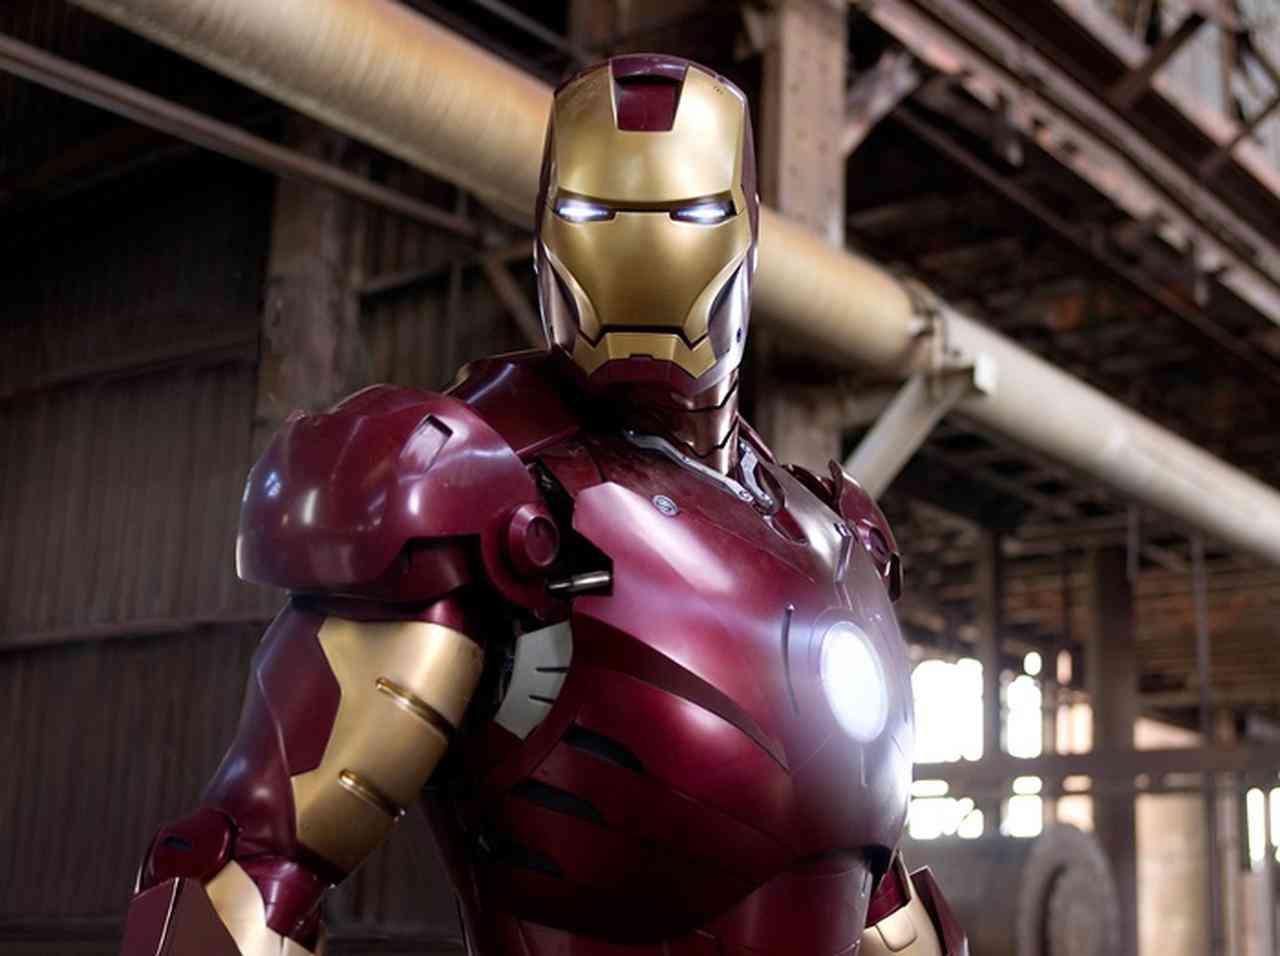 ロバート・ダウニー・Jrが着用した3千万円超「アイアンマンスーツ」が盗まれる - FRONTROW